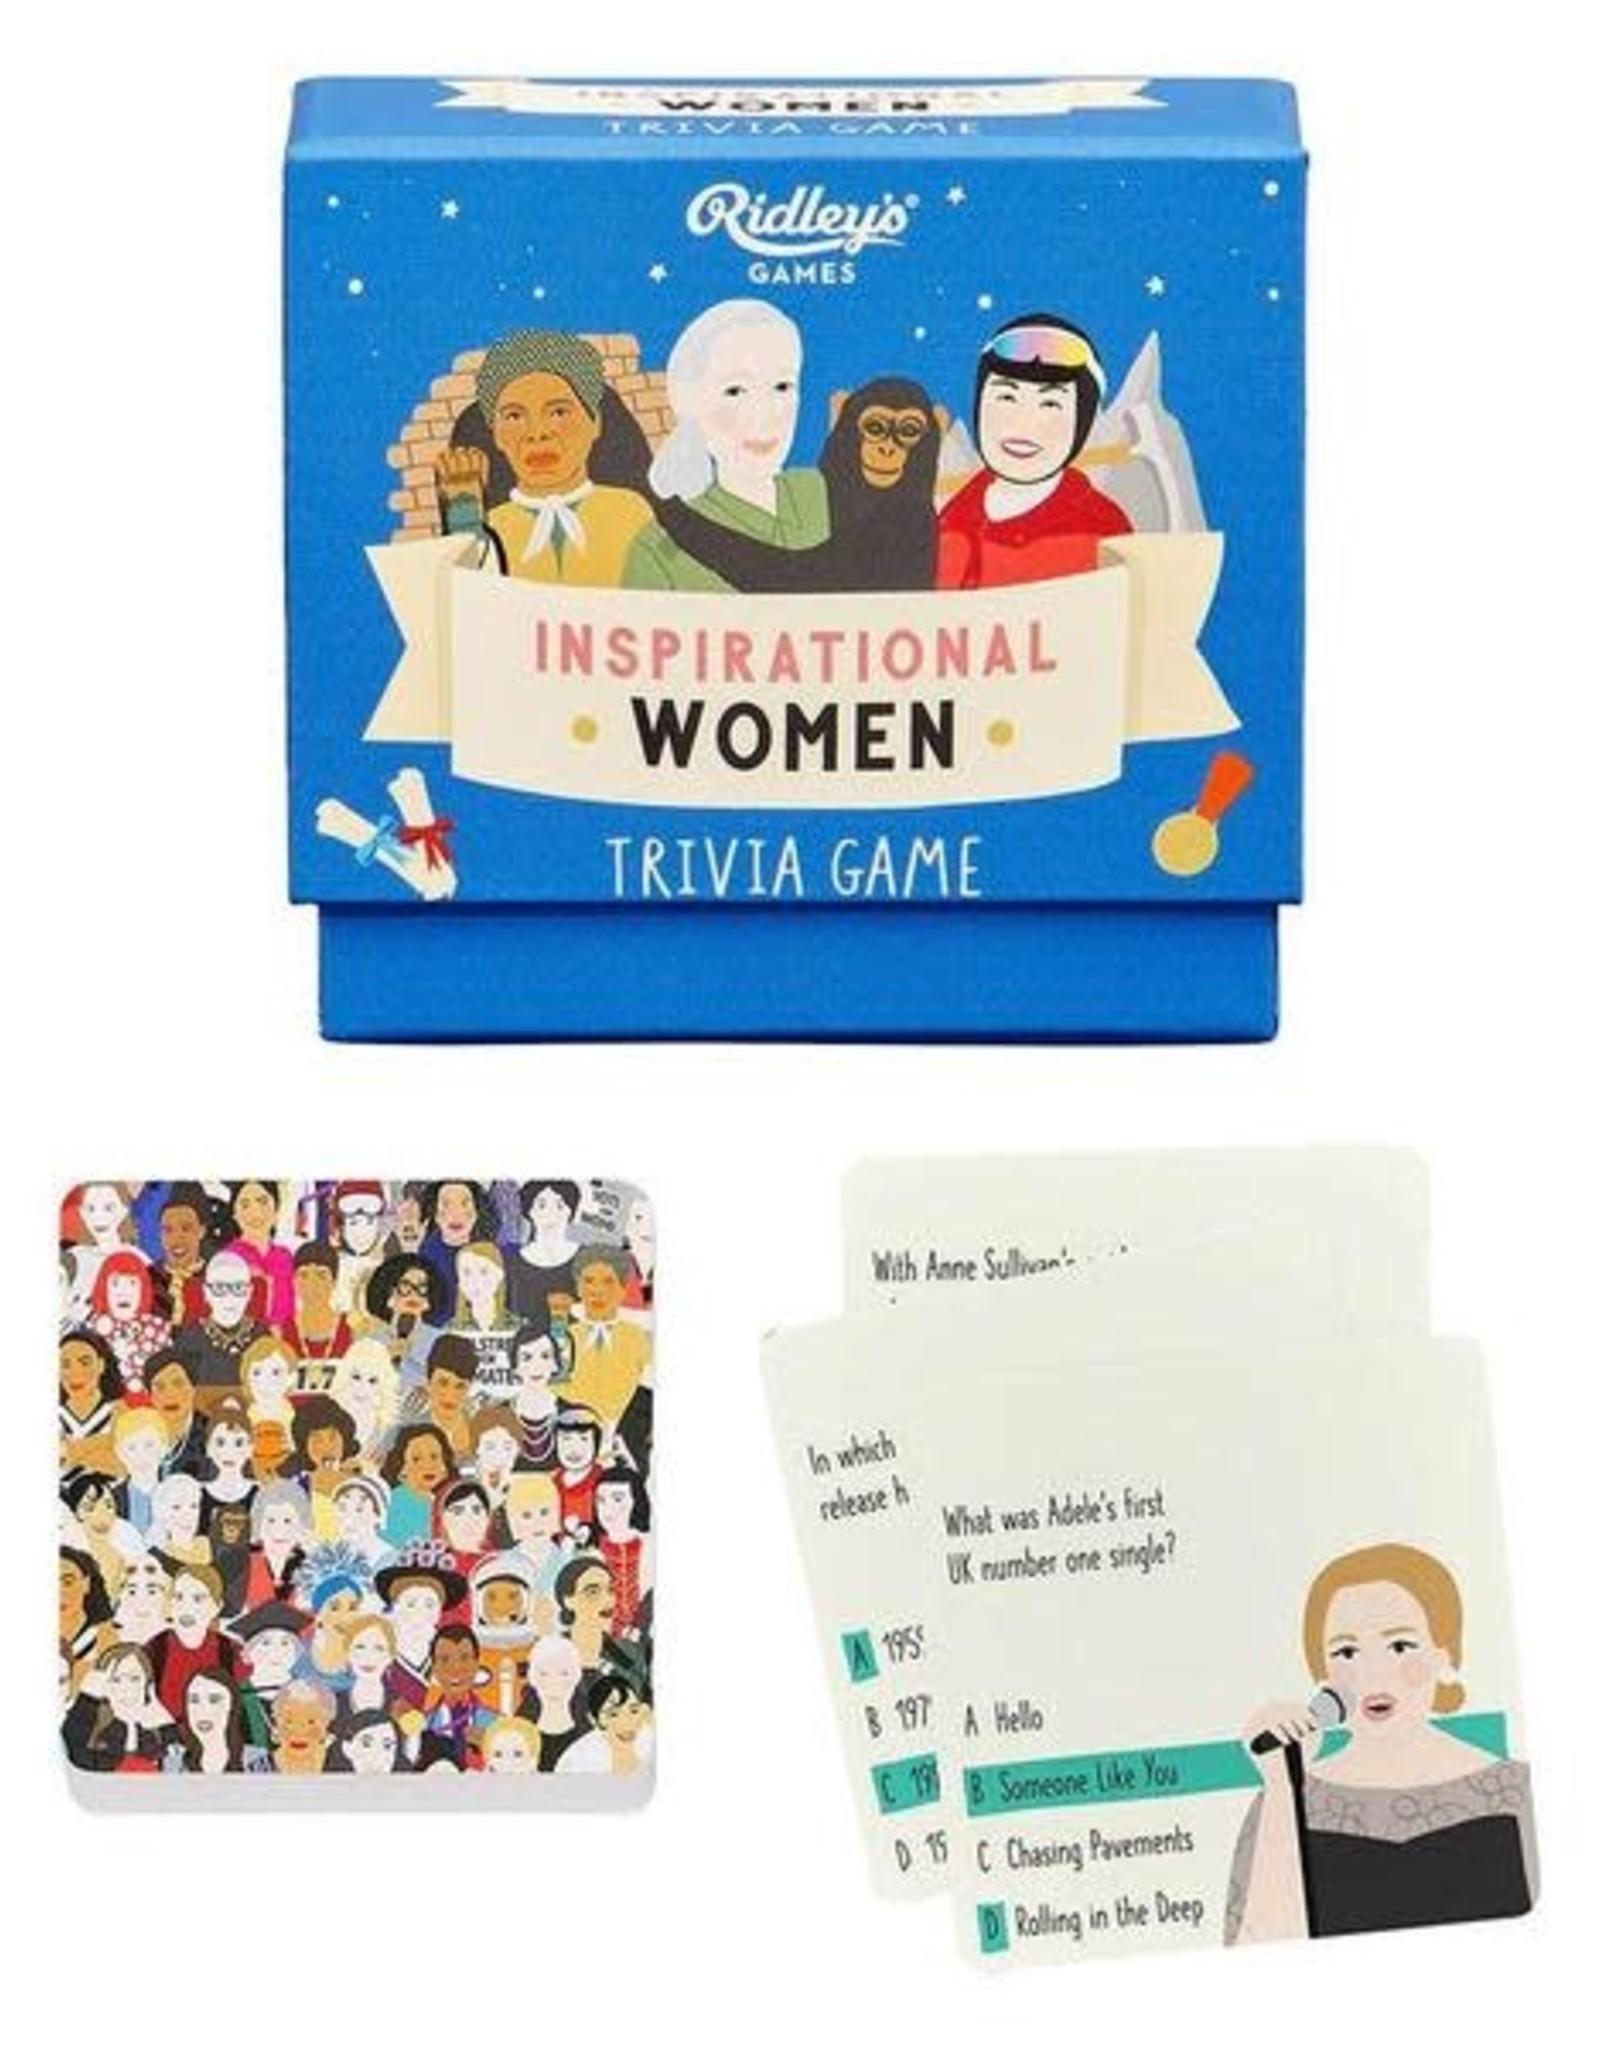 Wild & Wolf Ridley's Inspirational Women Trivia